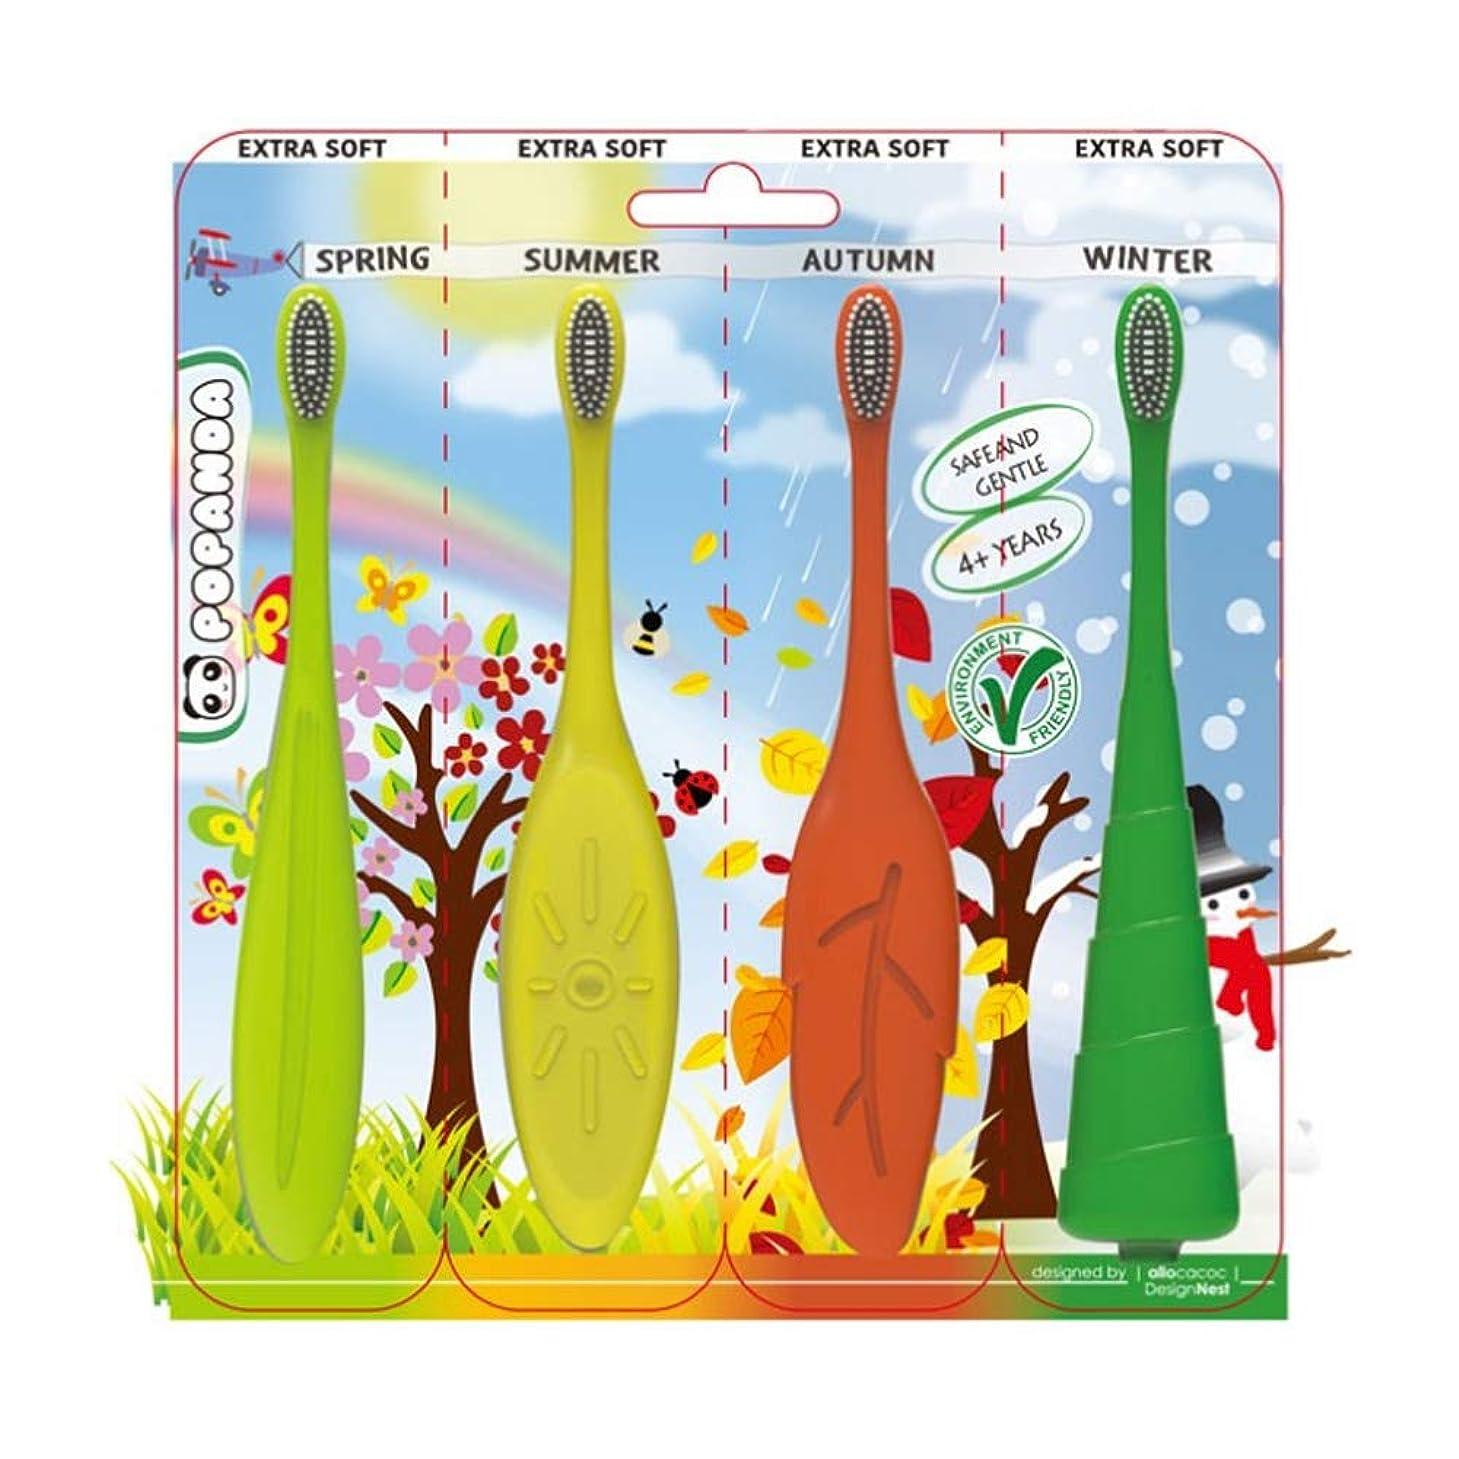 遮るへこみヘッドレス(4個) Baby 幼児 四季 シリコン歯ブラシ Set Baby Kid's Gift Seasonal Silicone Toothbrush 並行輸入